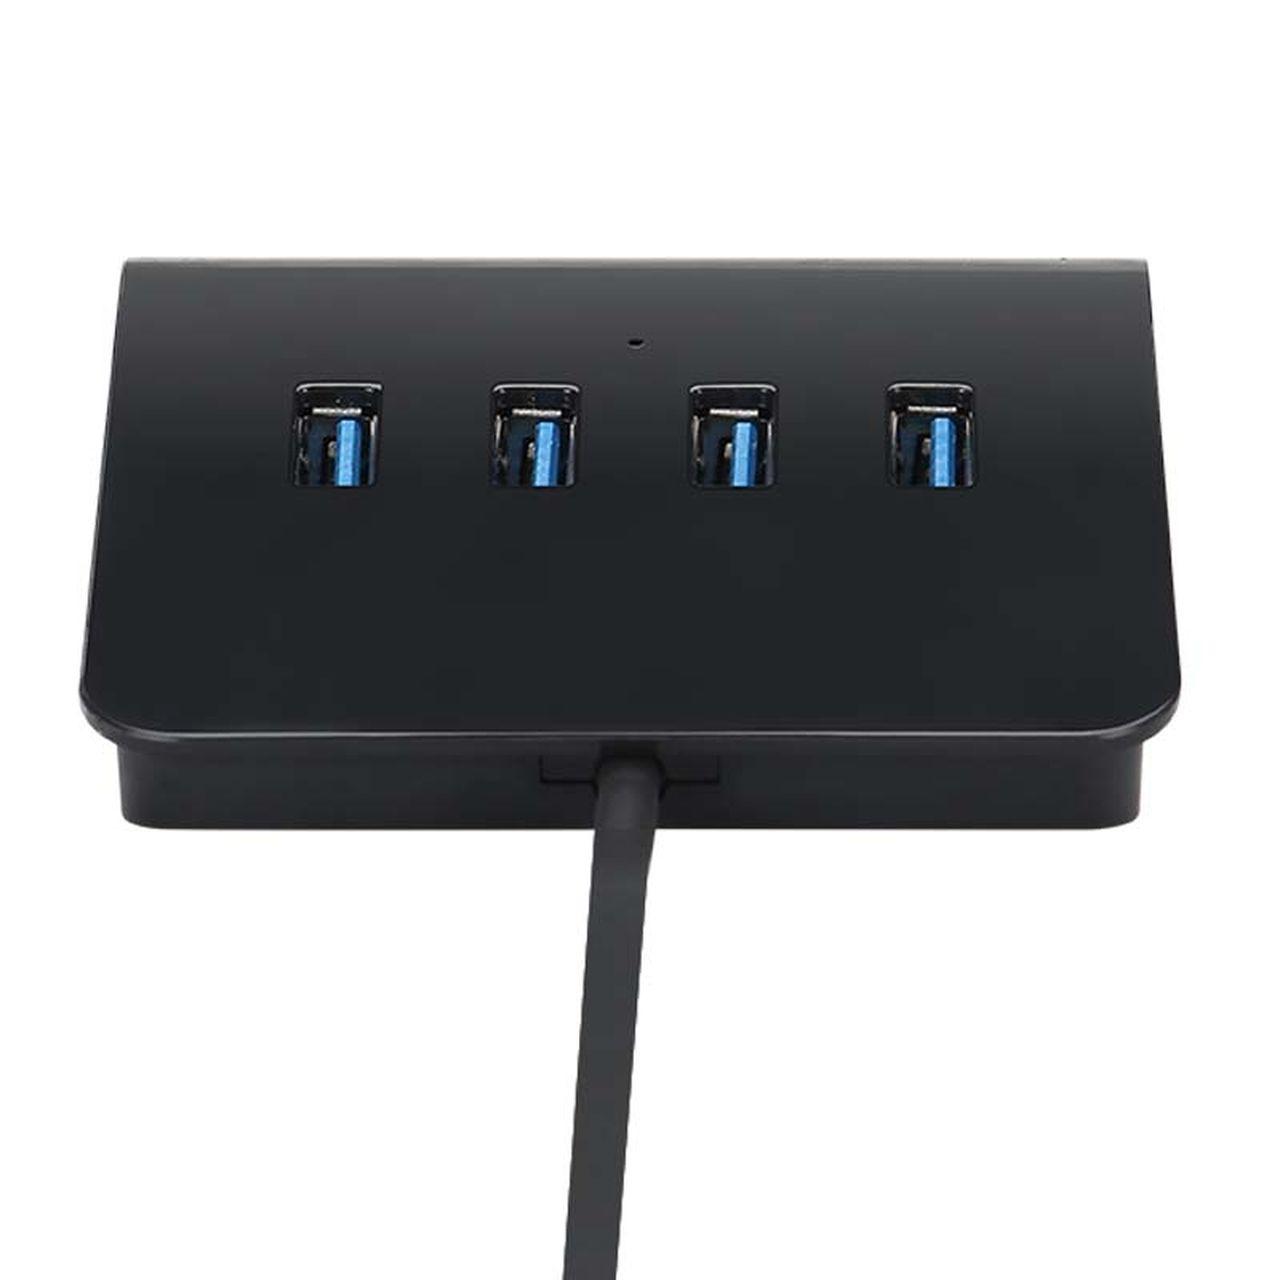 HUB Usb de Mesa com 4 Portas Com suporte para celular Bright